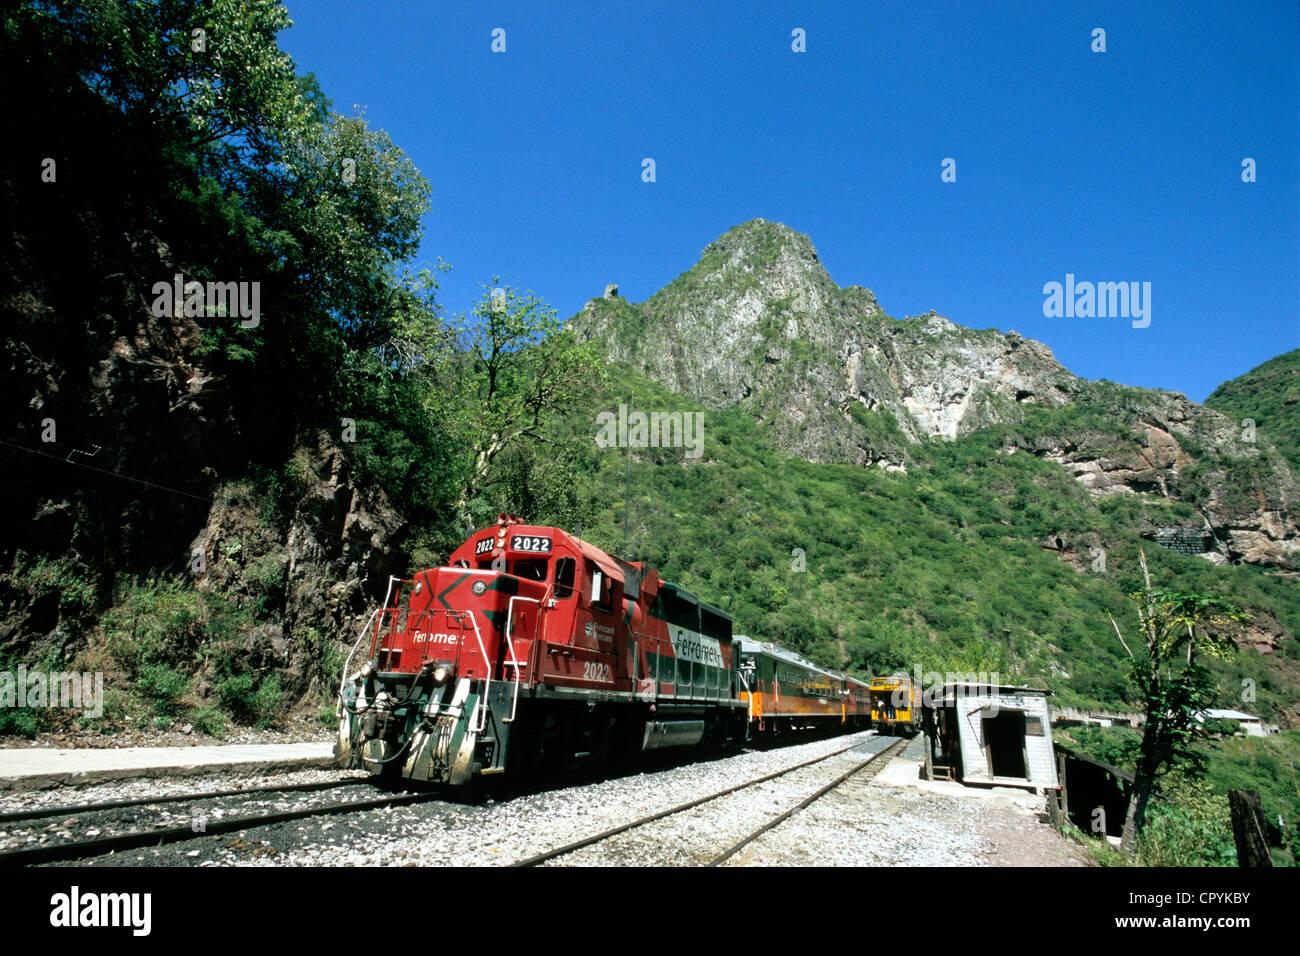 Messico, Stato di Chihuahua, nel cuore della Sierra Madre, arrivo di El Chepe treno Temoris stazione ferroviaria Immagini Stock